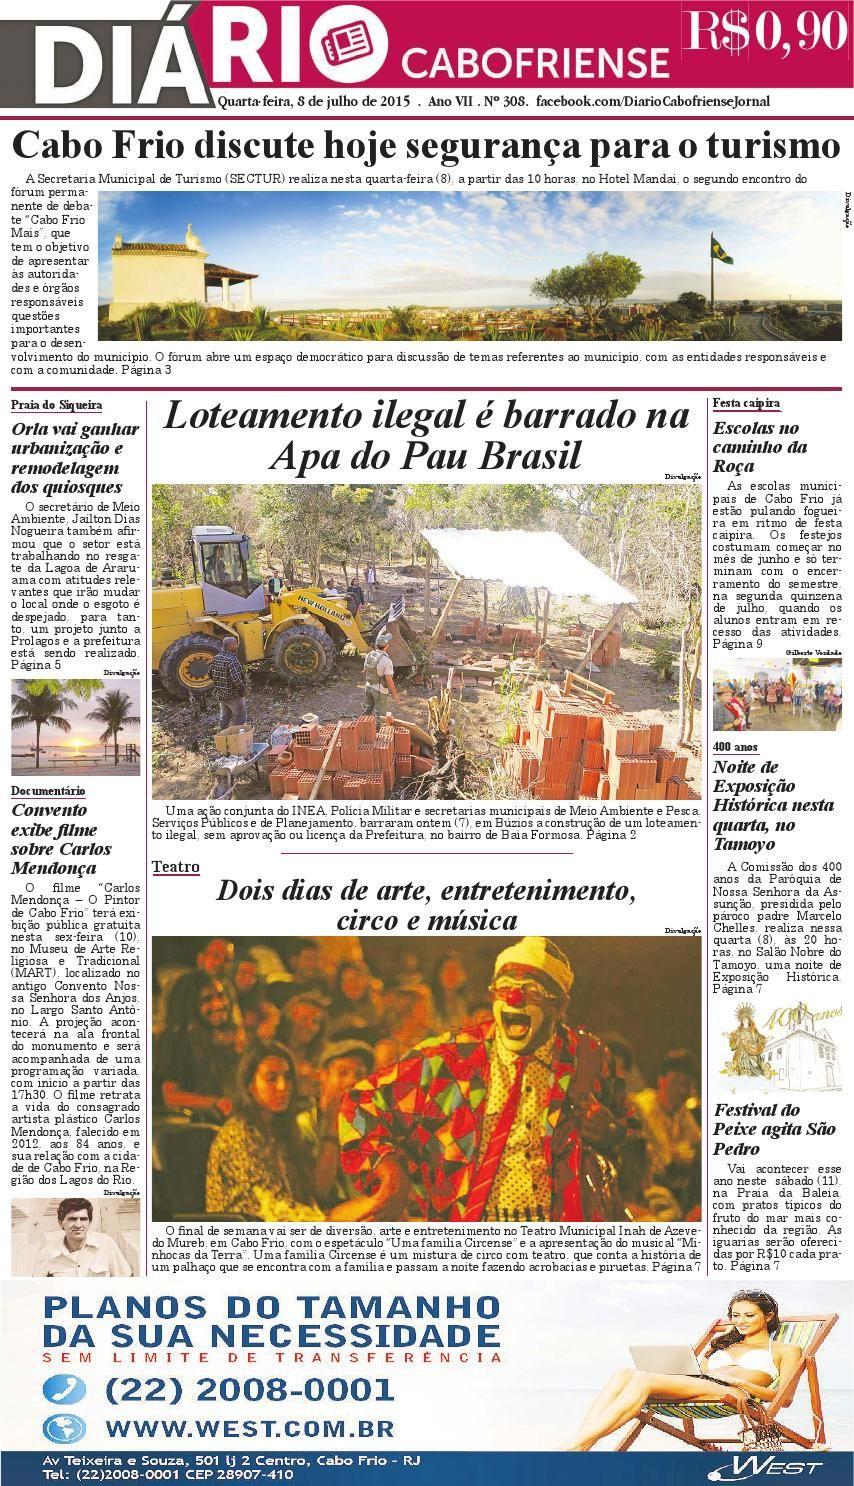 Folheie aqui o DIÁRIO CABOFRIENSE de quarta-feira, 8 de julho. Boa leitura <3  Telma Flora | editora chefe <3